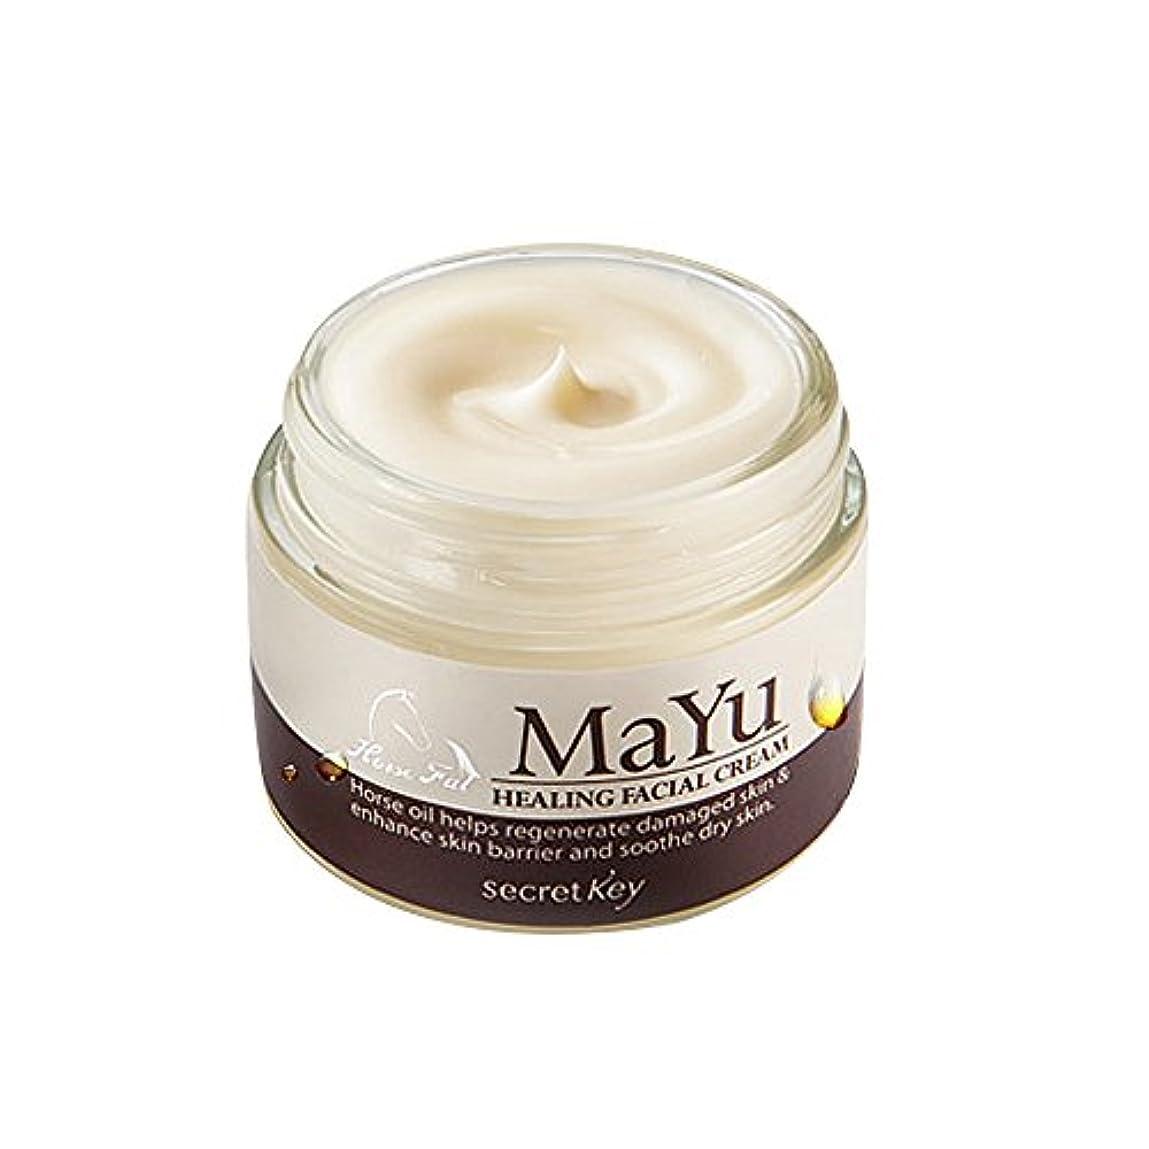 アクセシブルフォアタイプ奨励[シークレットキー]Secretkey 馬油ヒーリングフェイシャルクリーム70g 海外直送品 Mayu Healing Facial Cream 70g